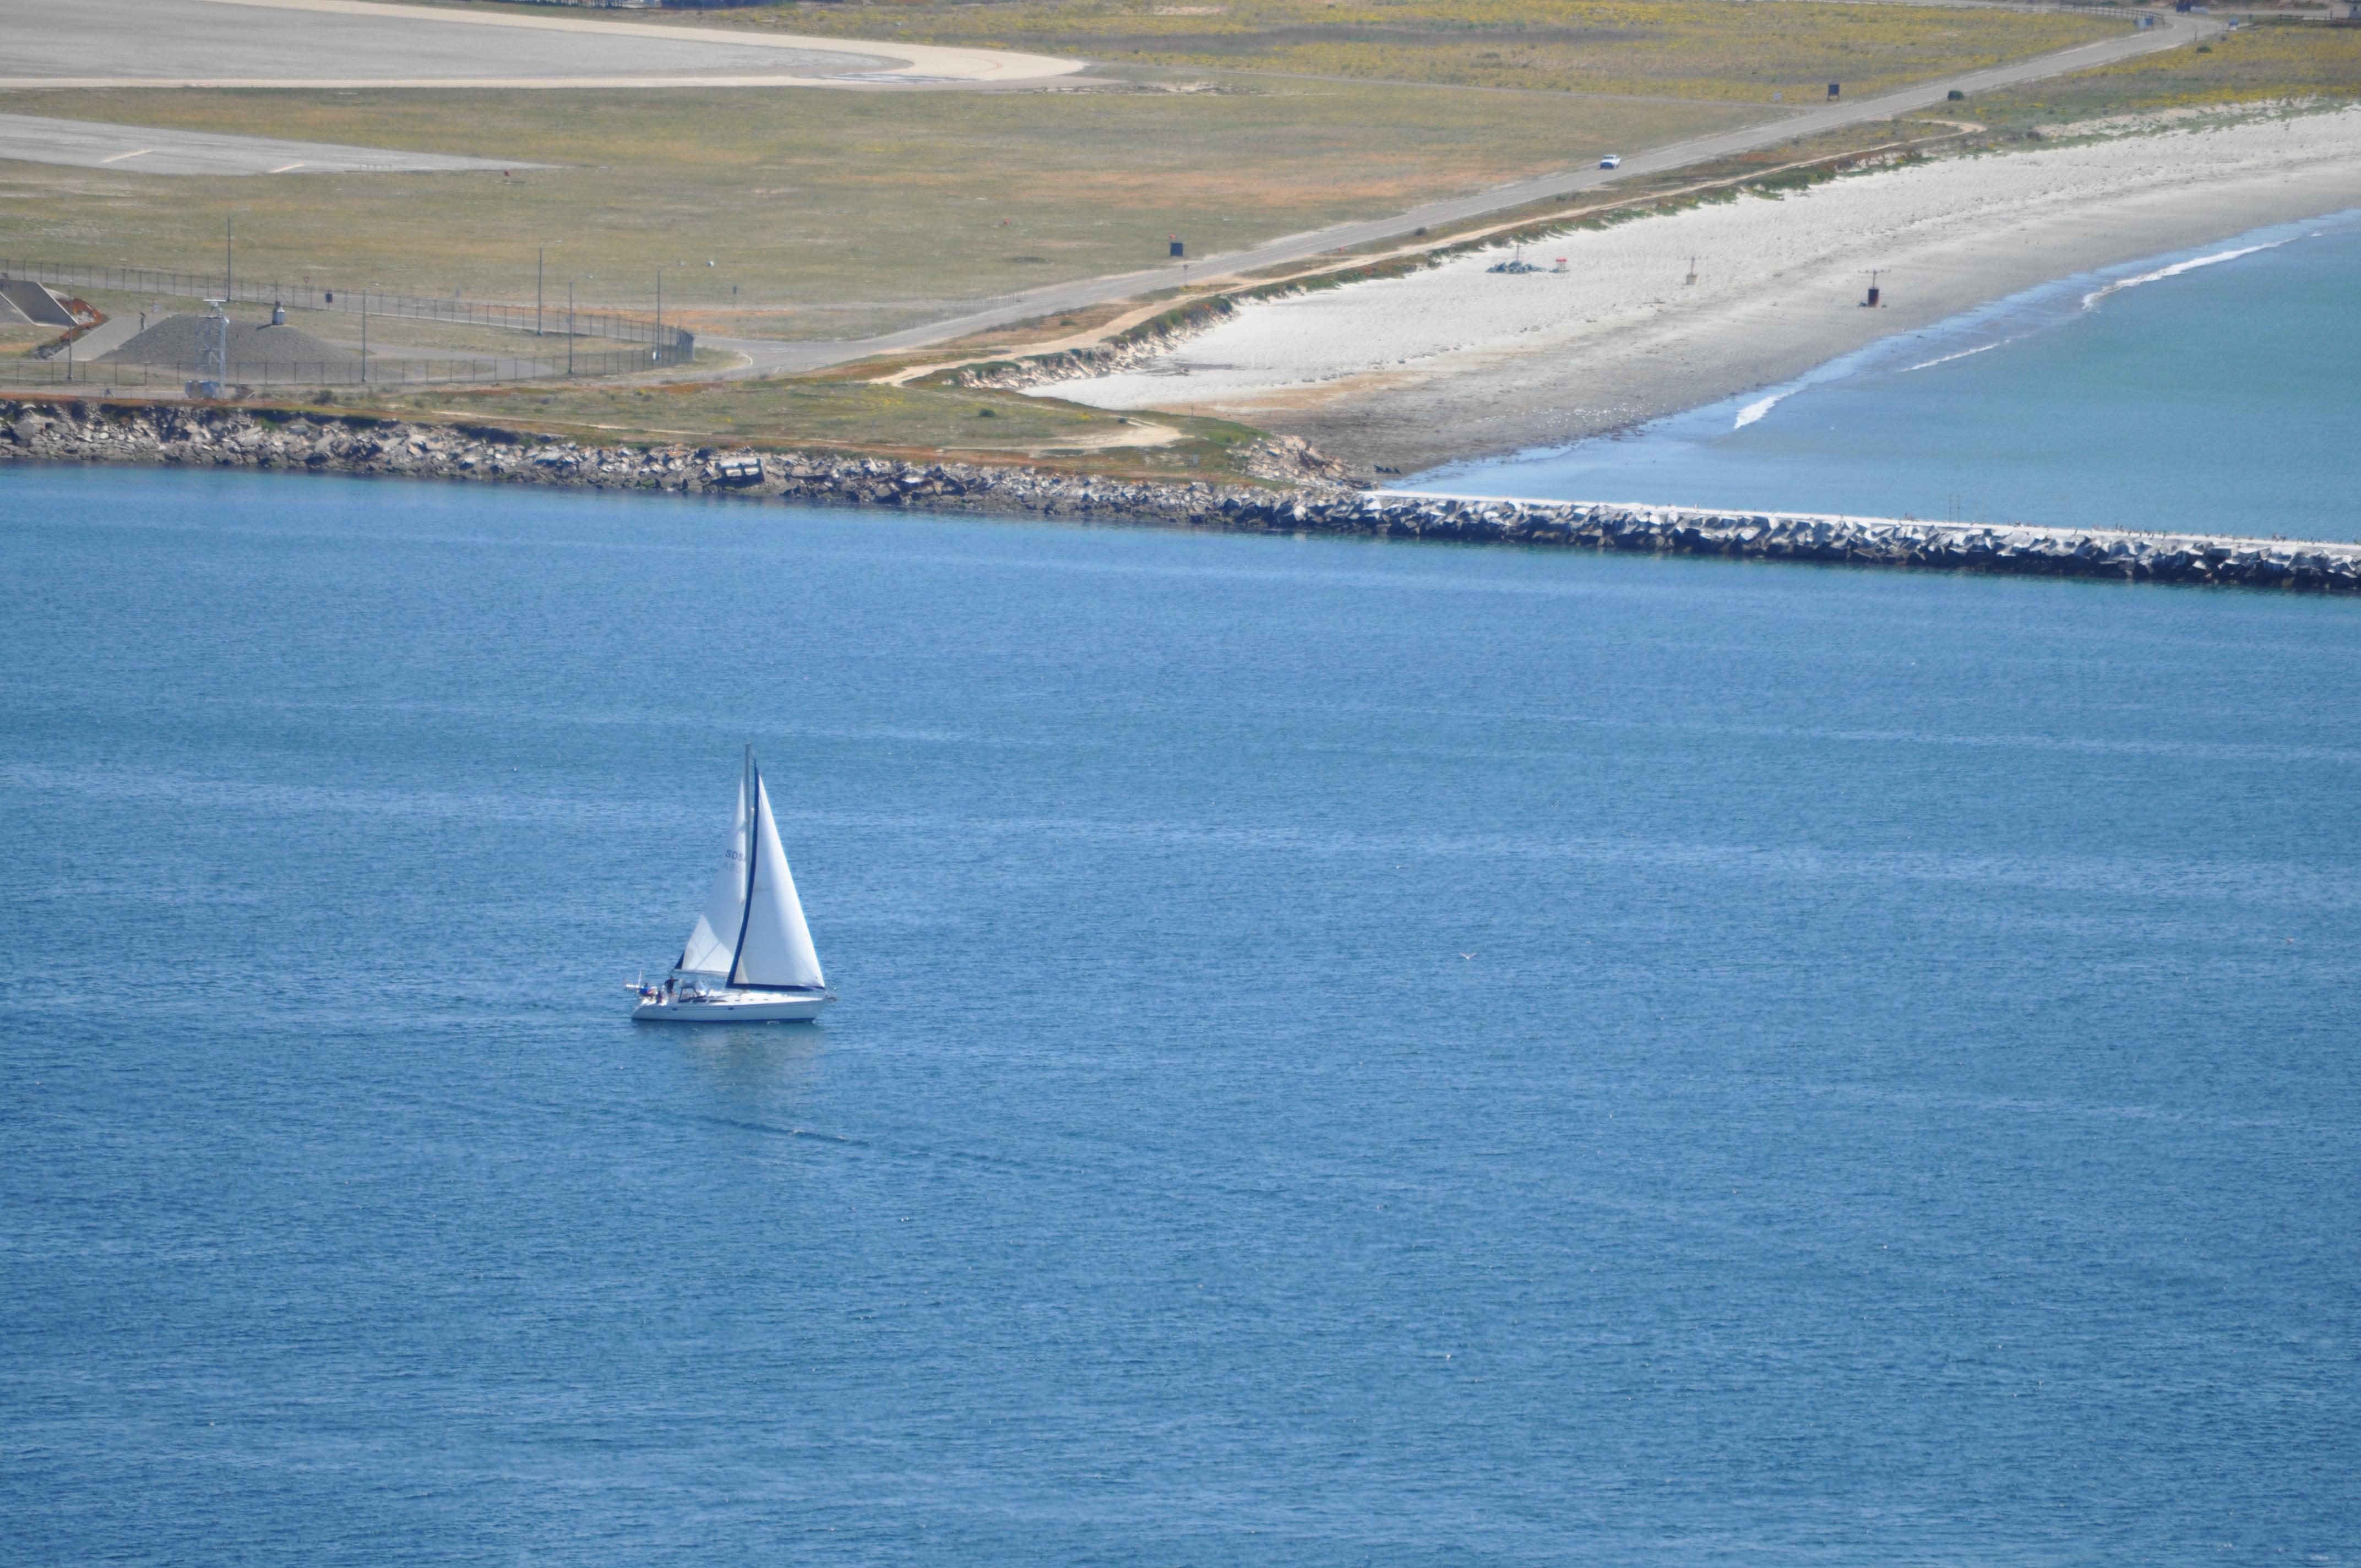 2012-04-24 - Point Loma and San Juan Capistrano 133